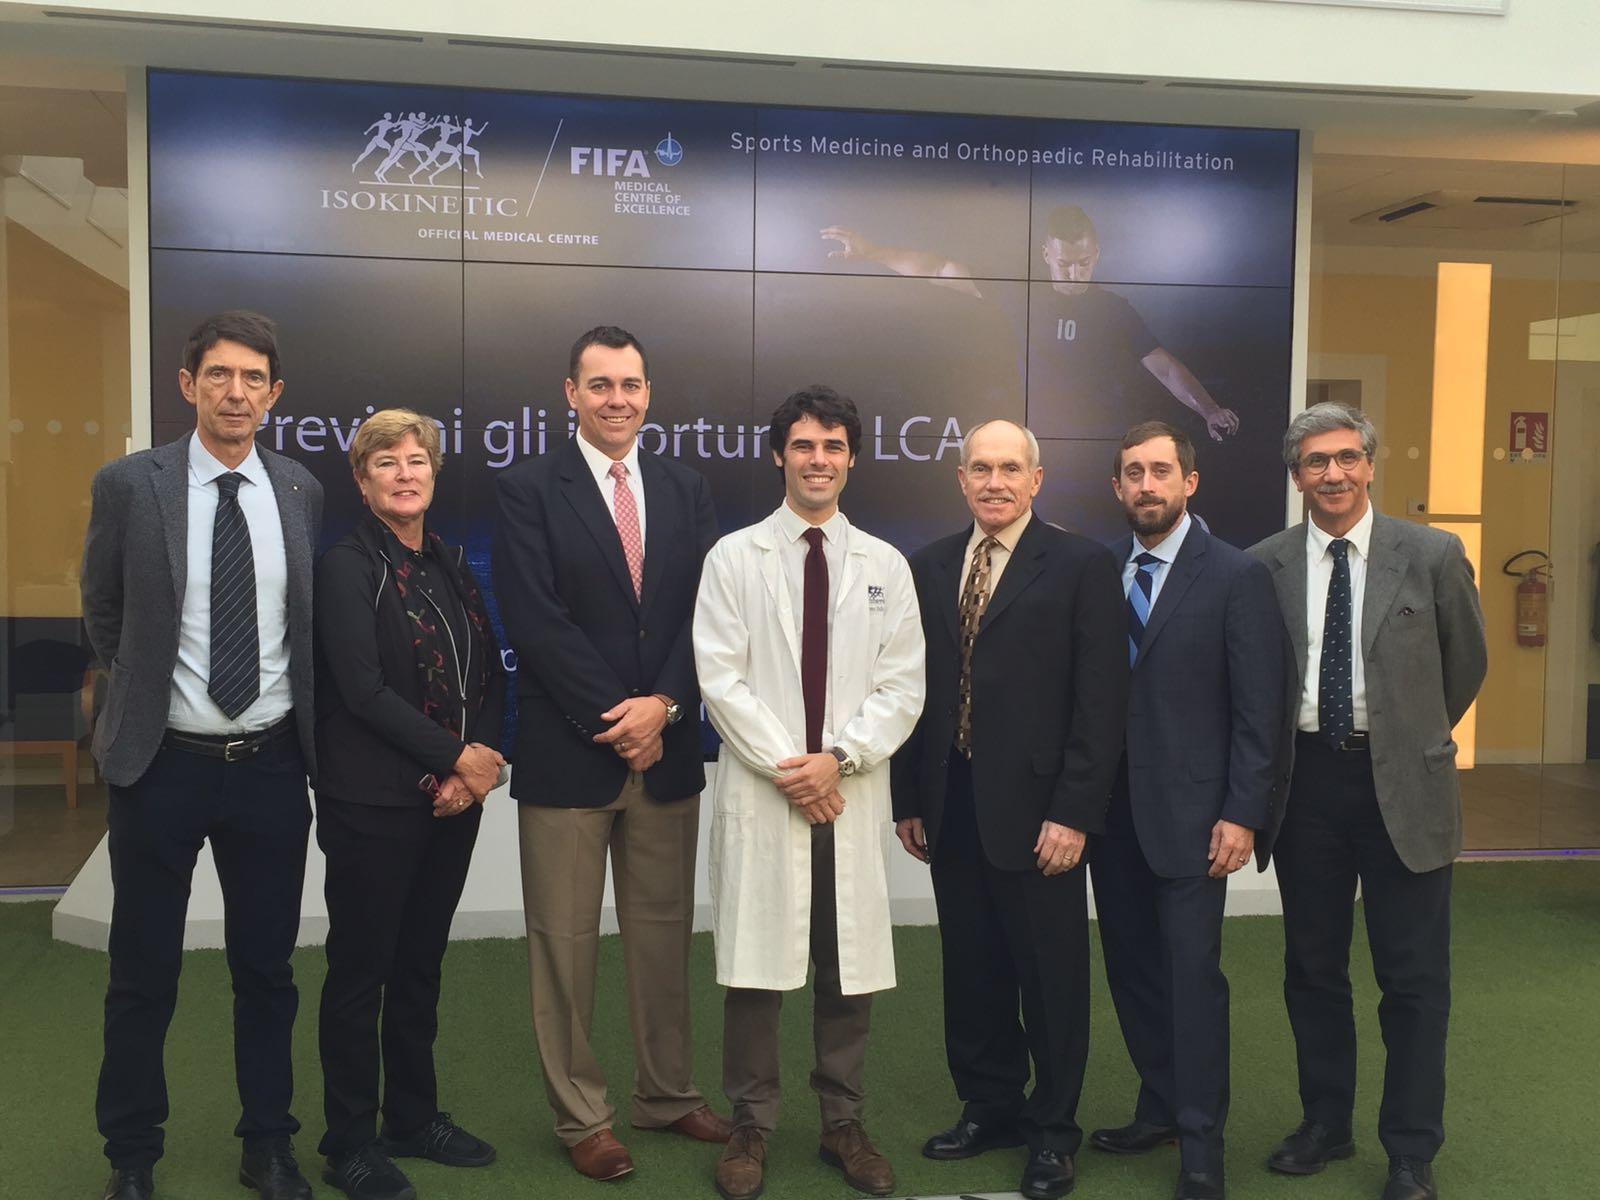 Visita in Isokinetic Bologna per la delegazione americana AMSSM